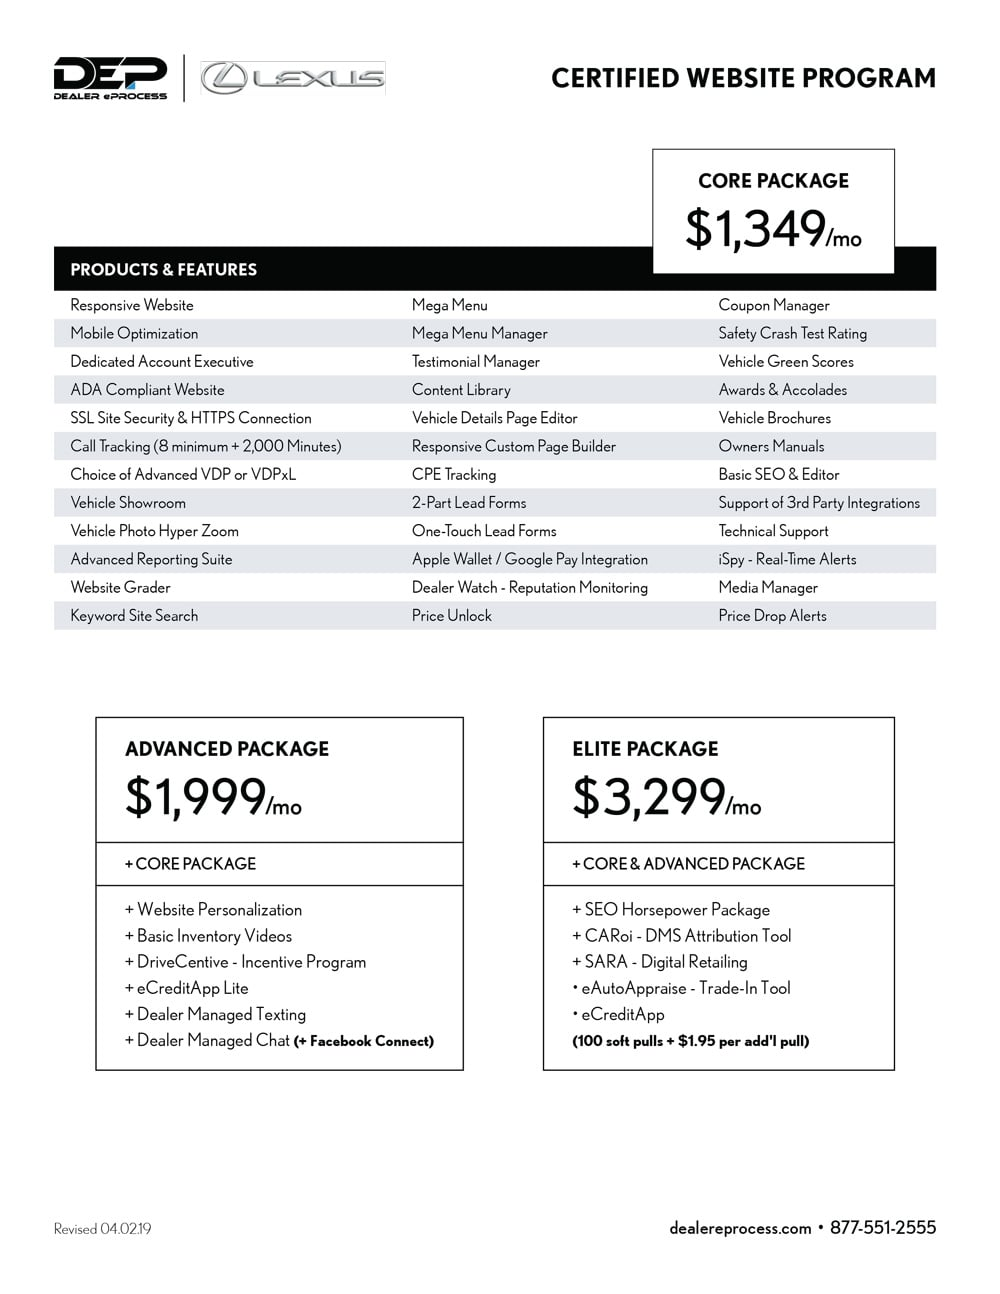 Lexus website program price sheet